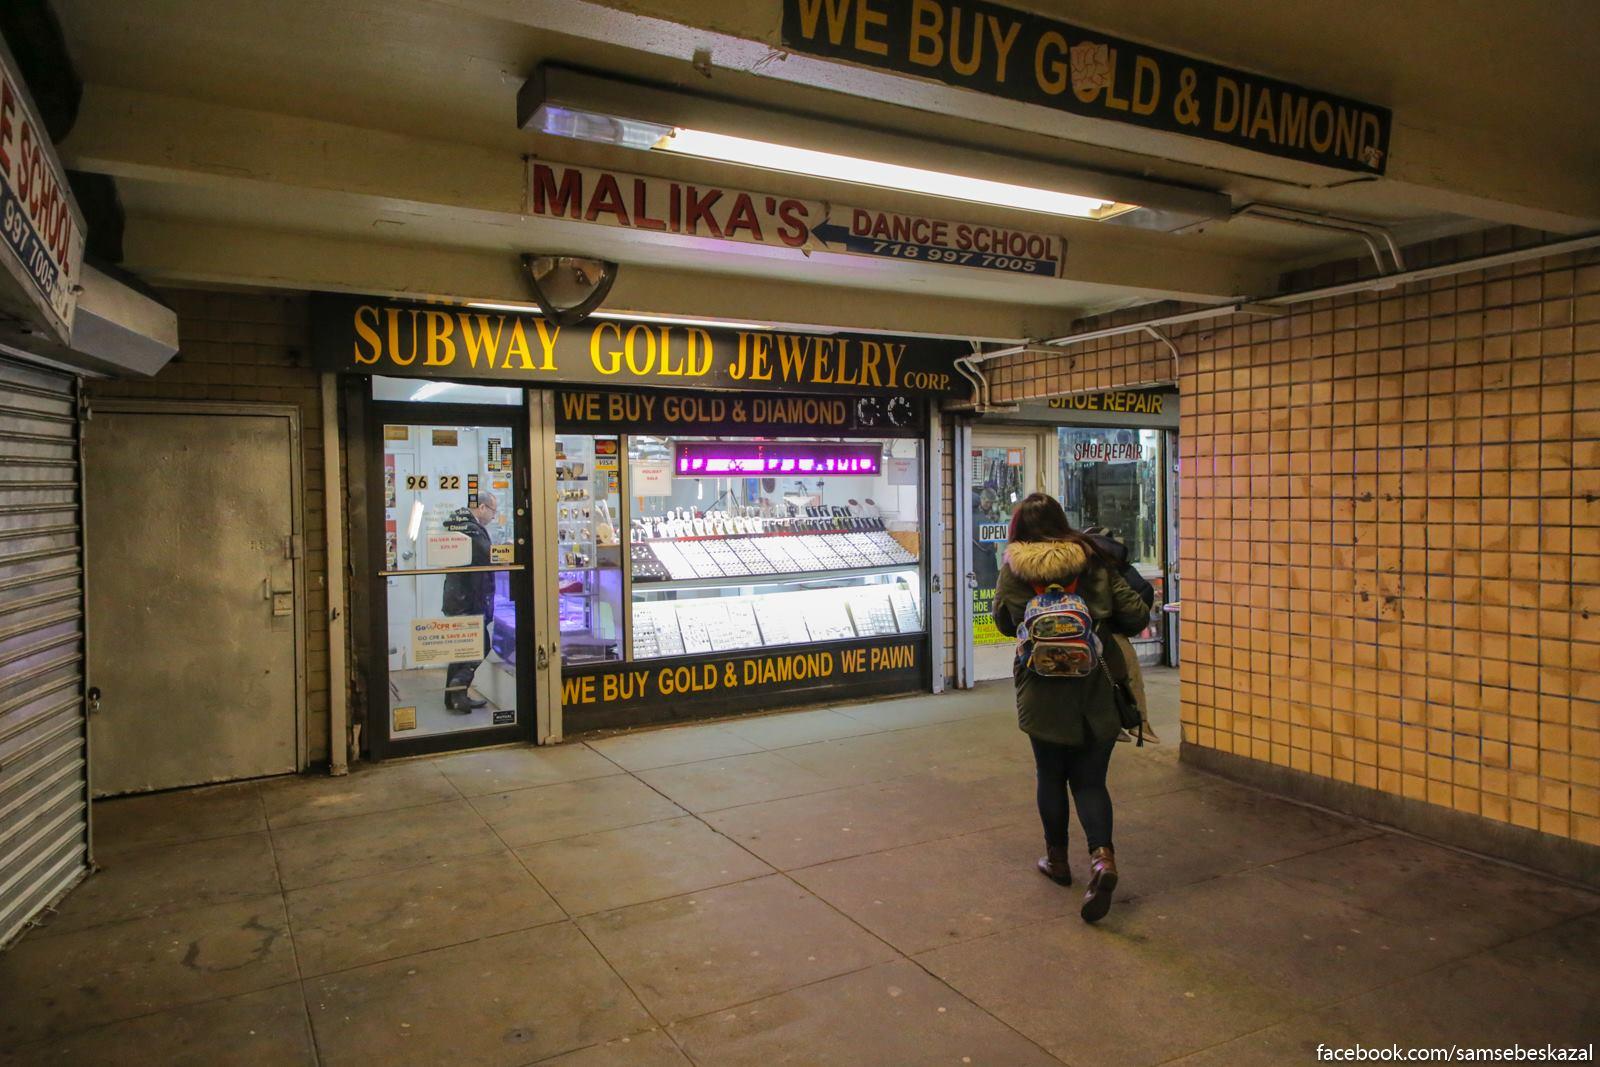 Skupka zolota na vyhode iz stancii metro. Pram kak piterskoe metro vo vremena moego studencestva.